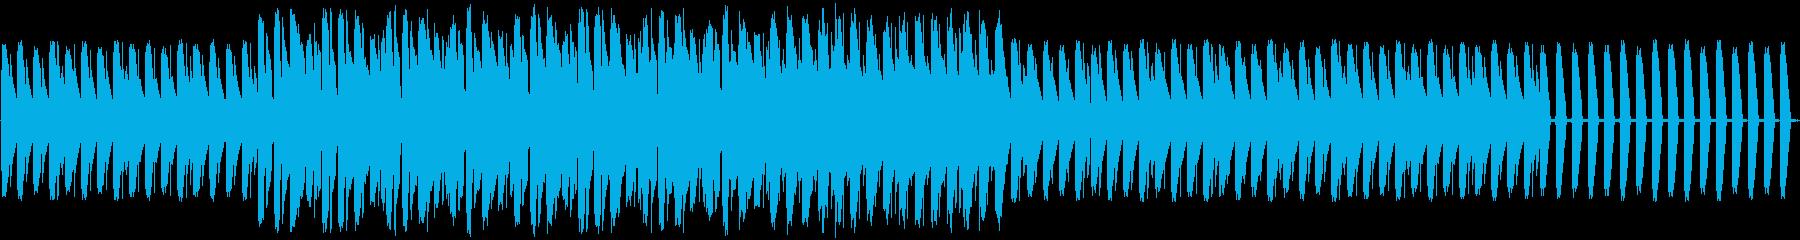 軽い安定したビートの一致をサポート...の再生済みの波形